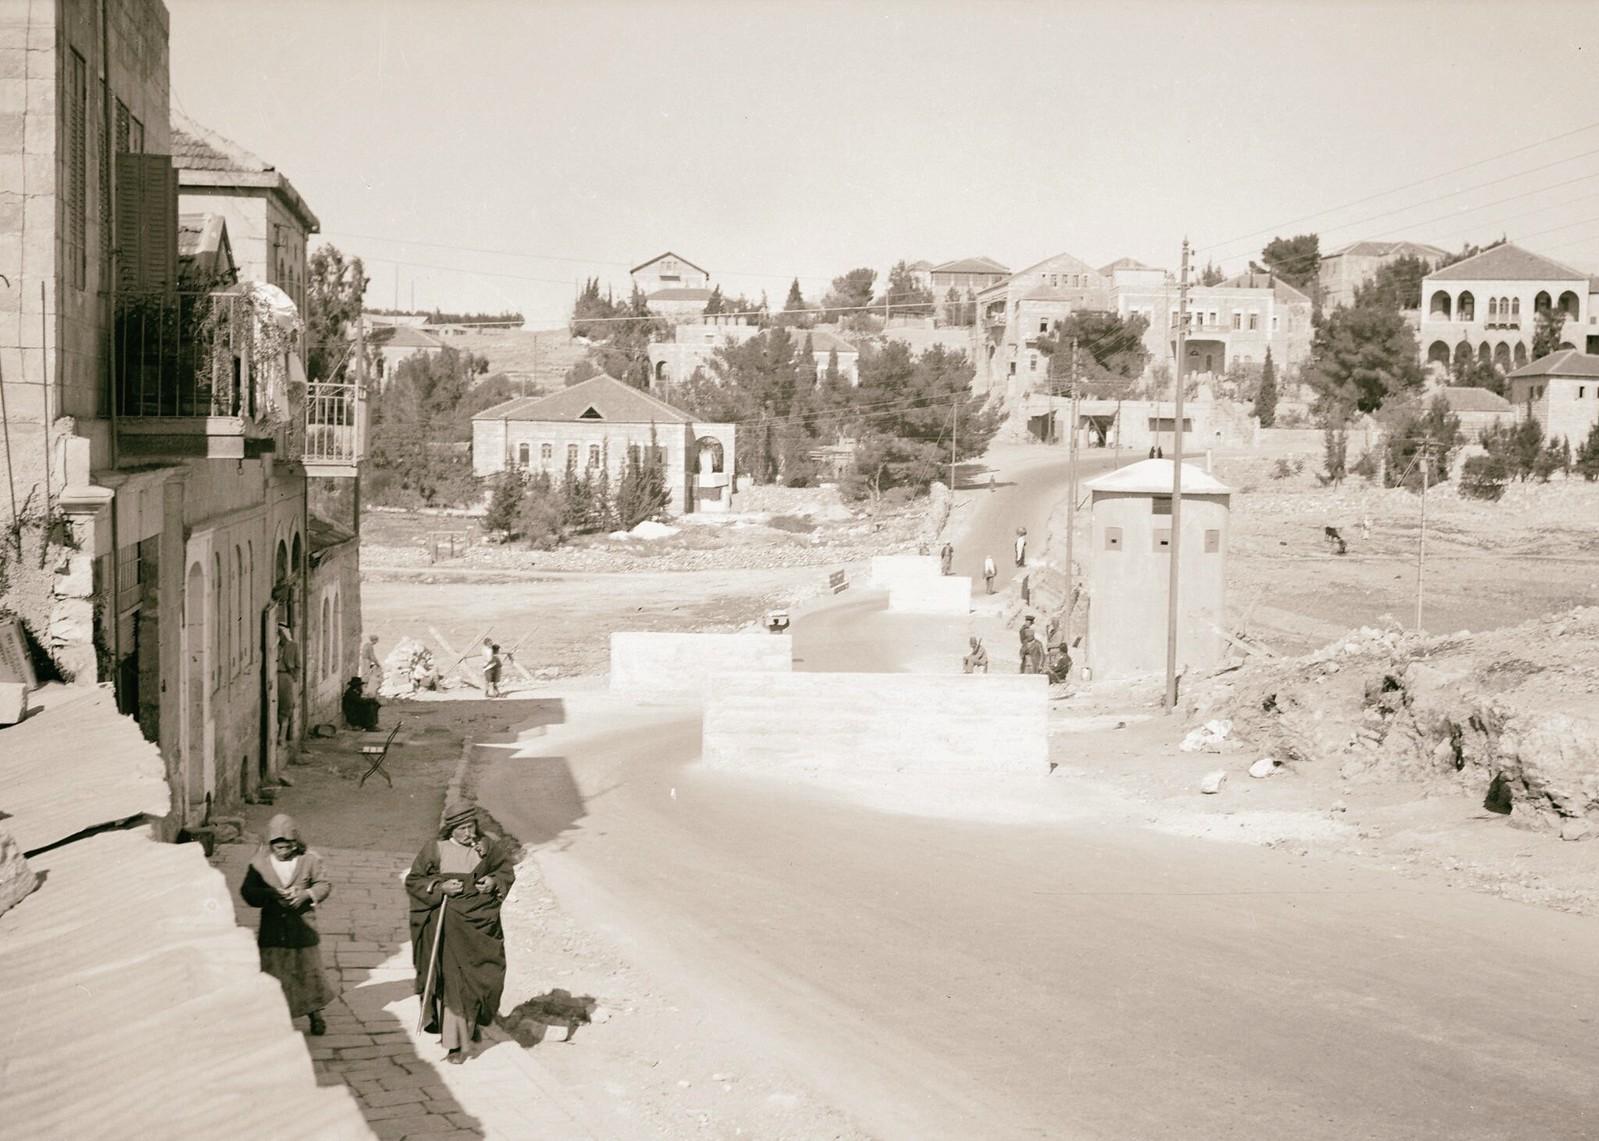 09. 1938. Шхем. Заграждения на шоссе, ведущем в Иерусалим с севера